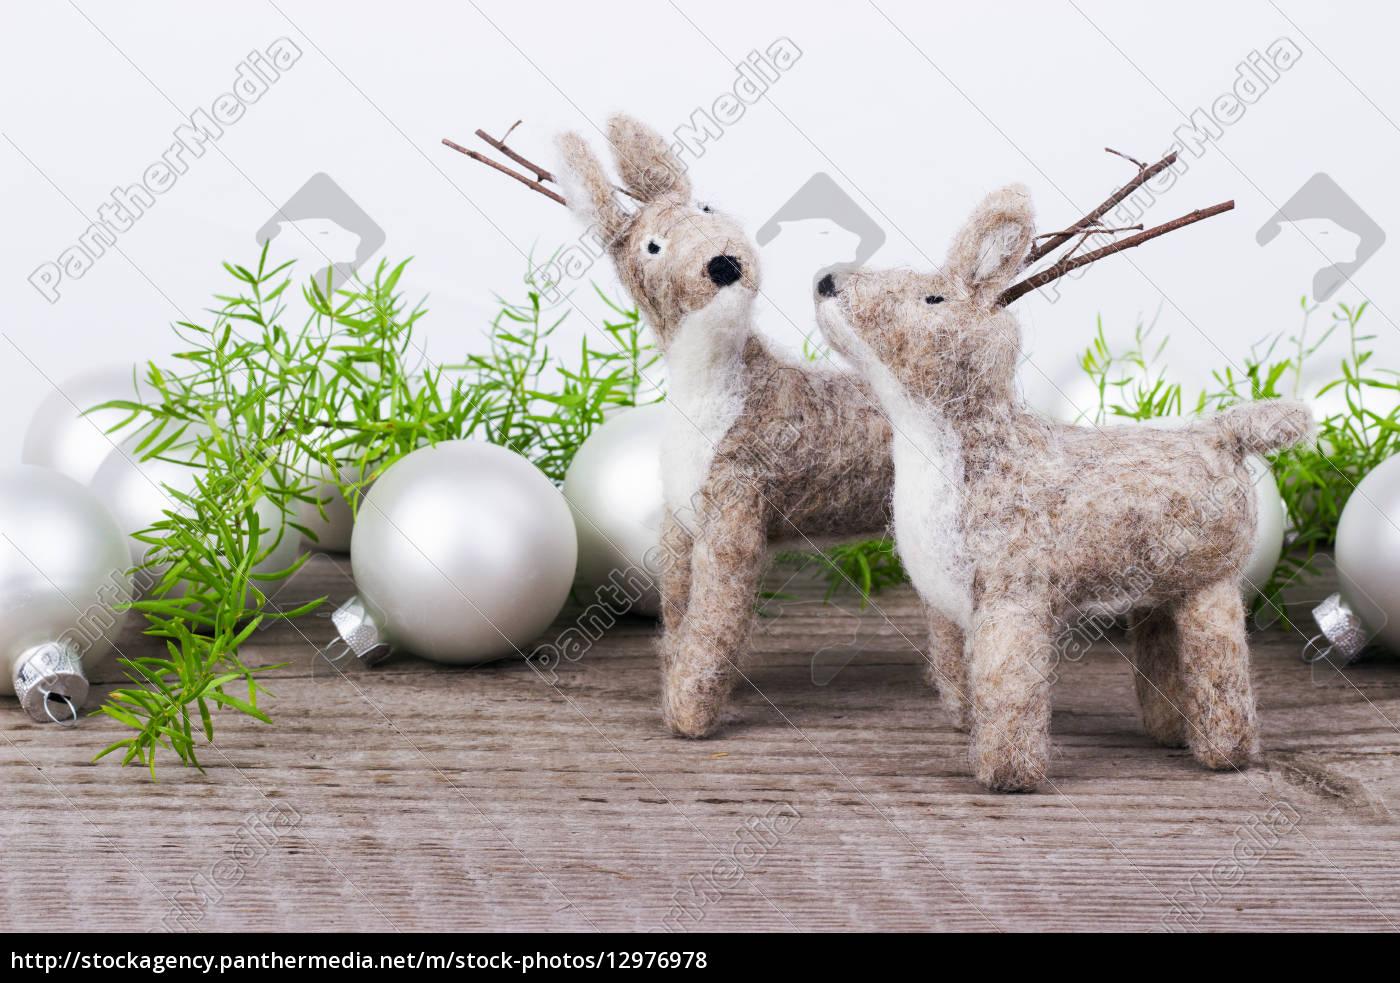 los animales, marea de yule, juguetes, sentido, navidad, ciervo - 12976978